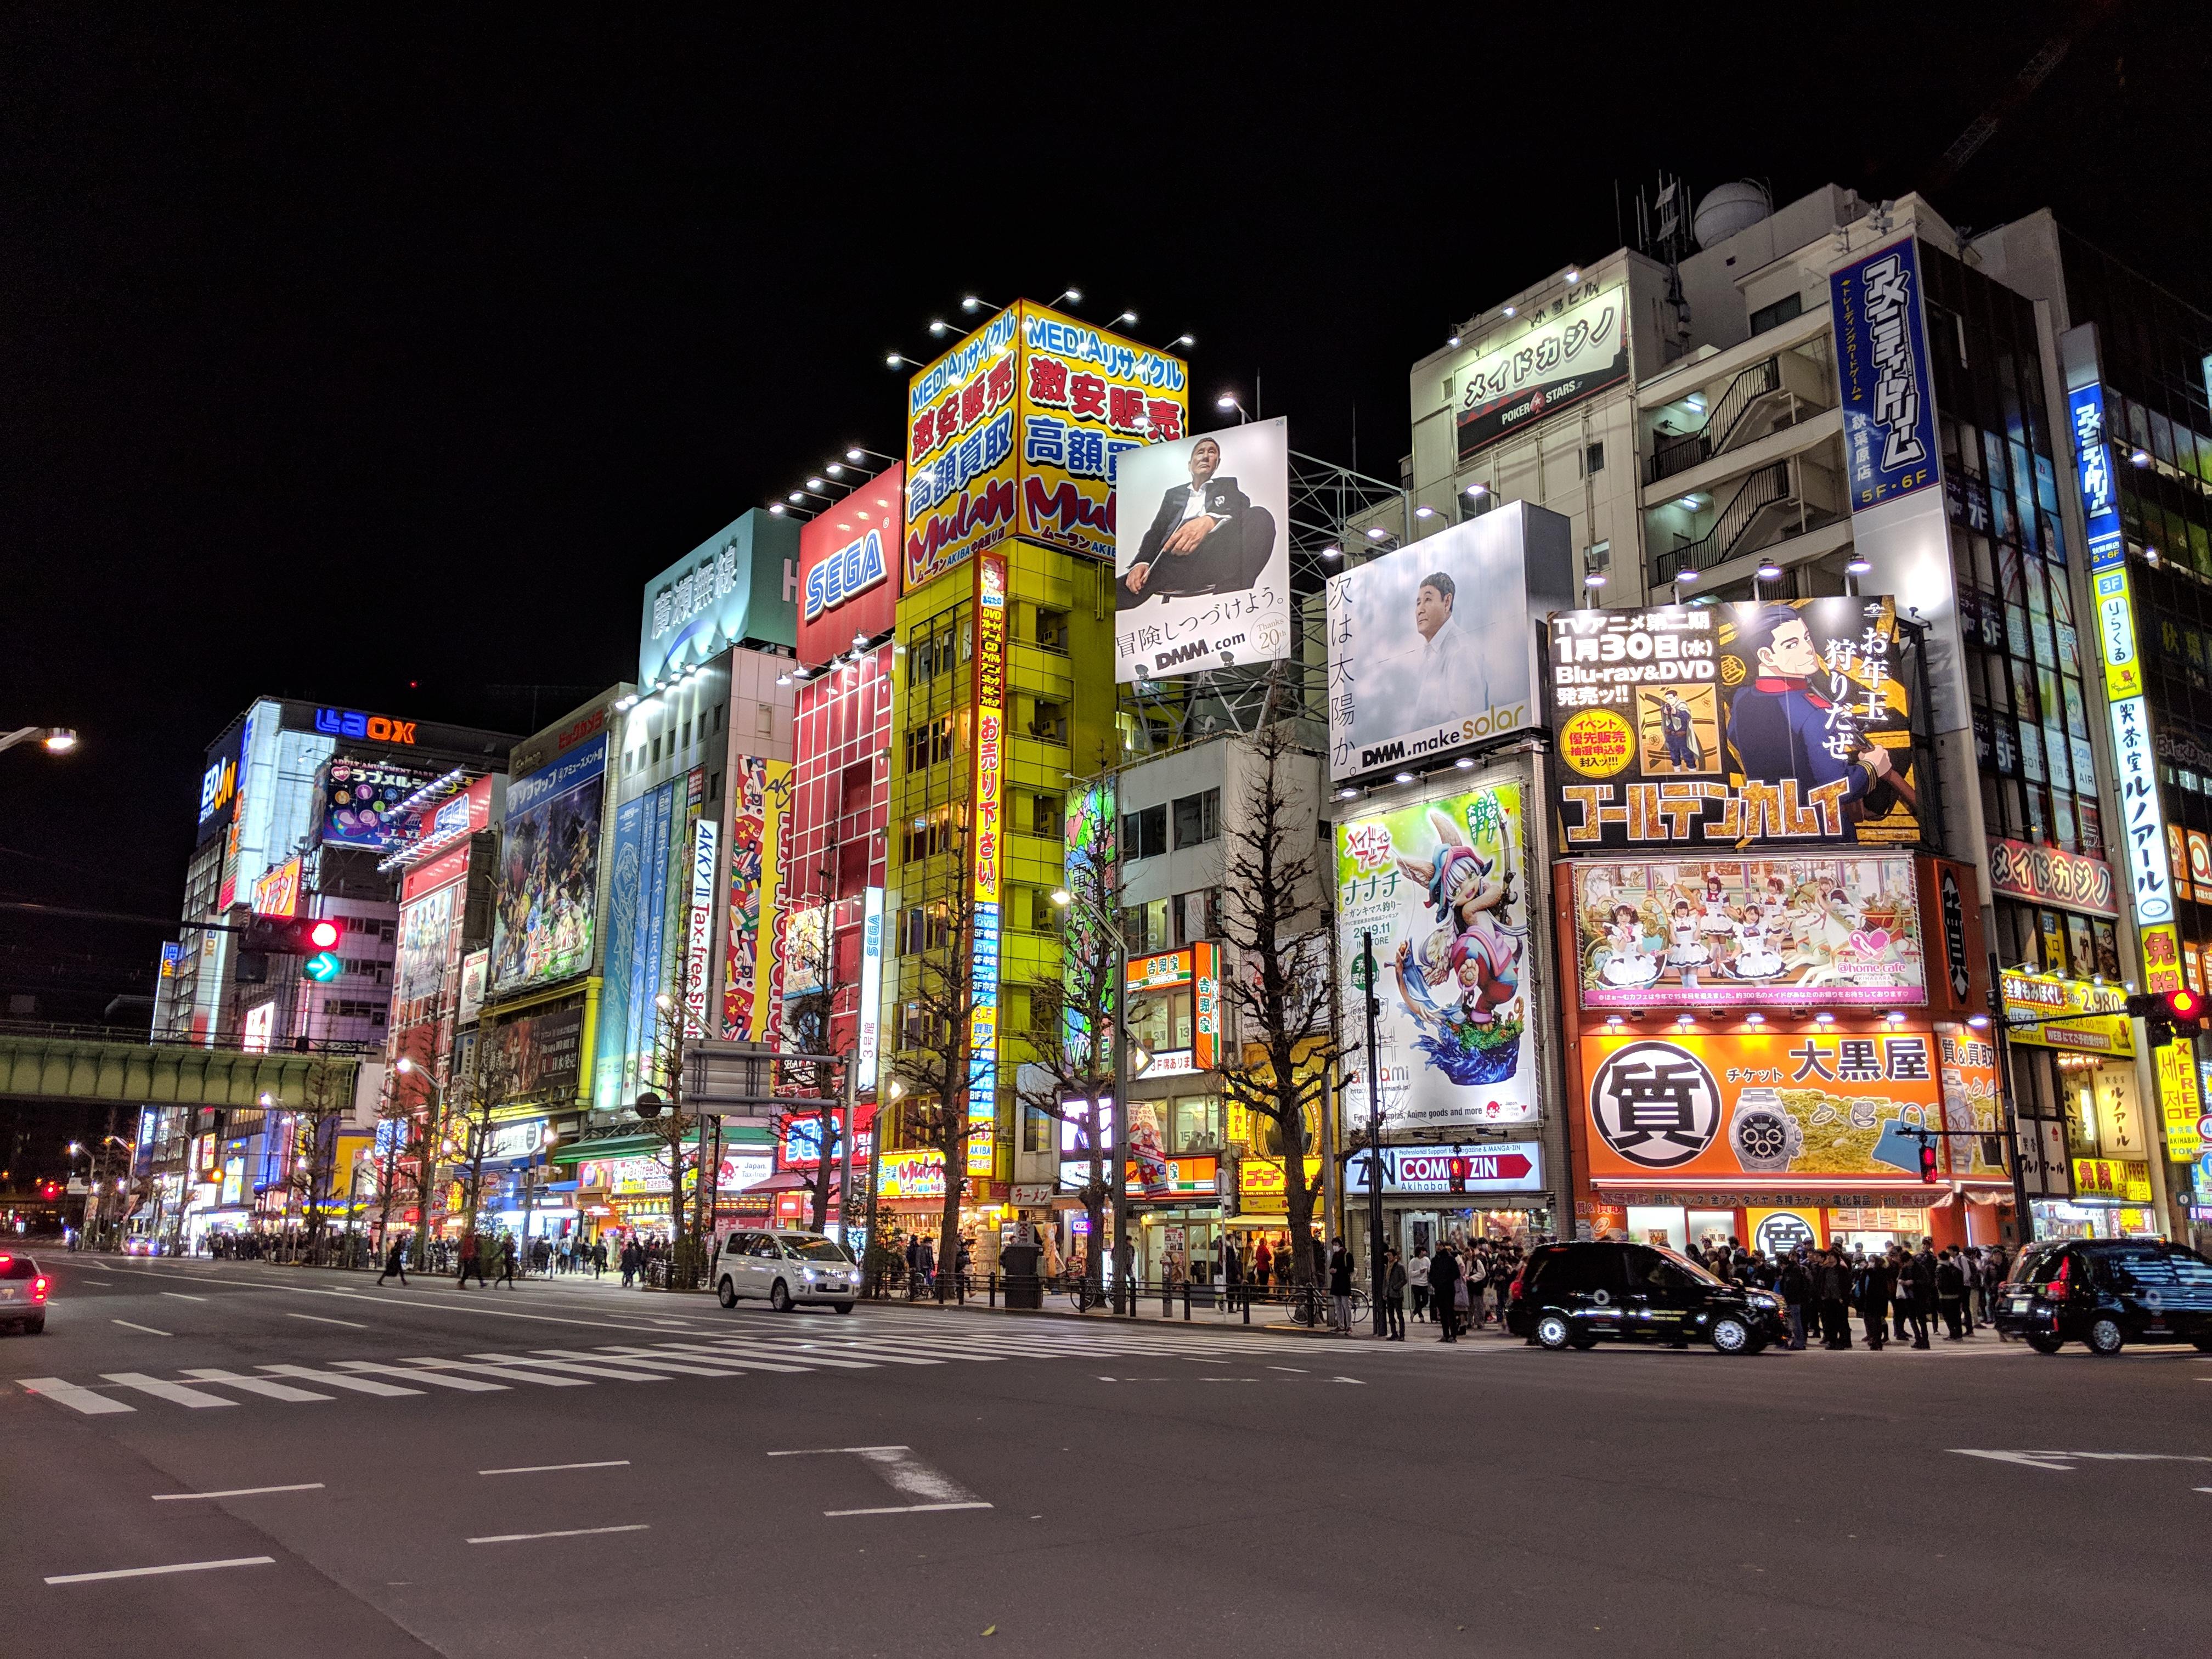 日本docomo提供10萬處免費Wi-Fi 註冊登入d Point會員就能用